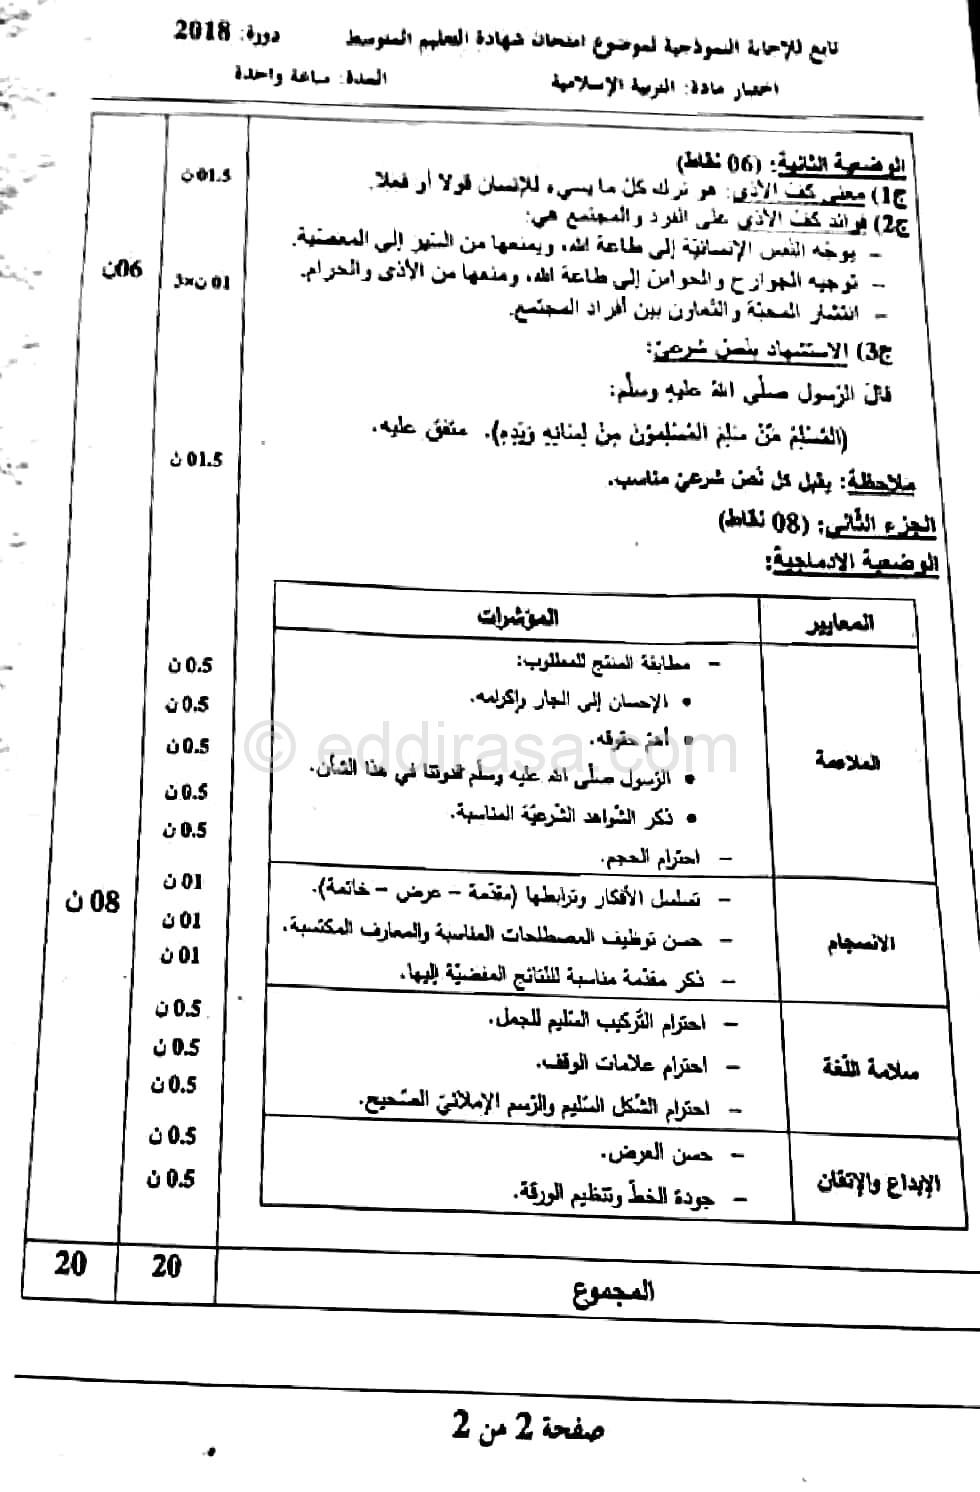 امتحان شهادة تعليم المتوسط التربية الإسلامية 2018 Correction-bem-2018-islamique_2